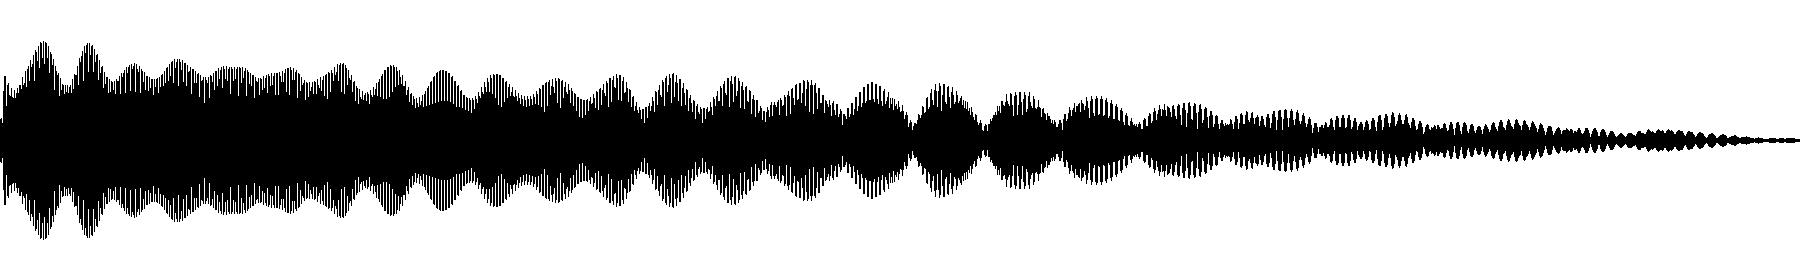 a sub drop 01